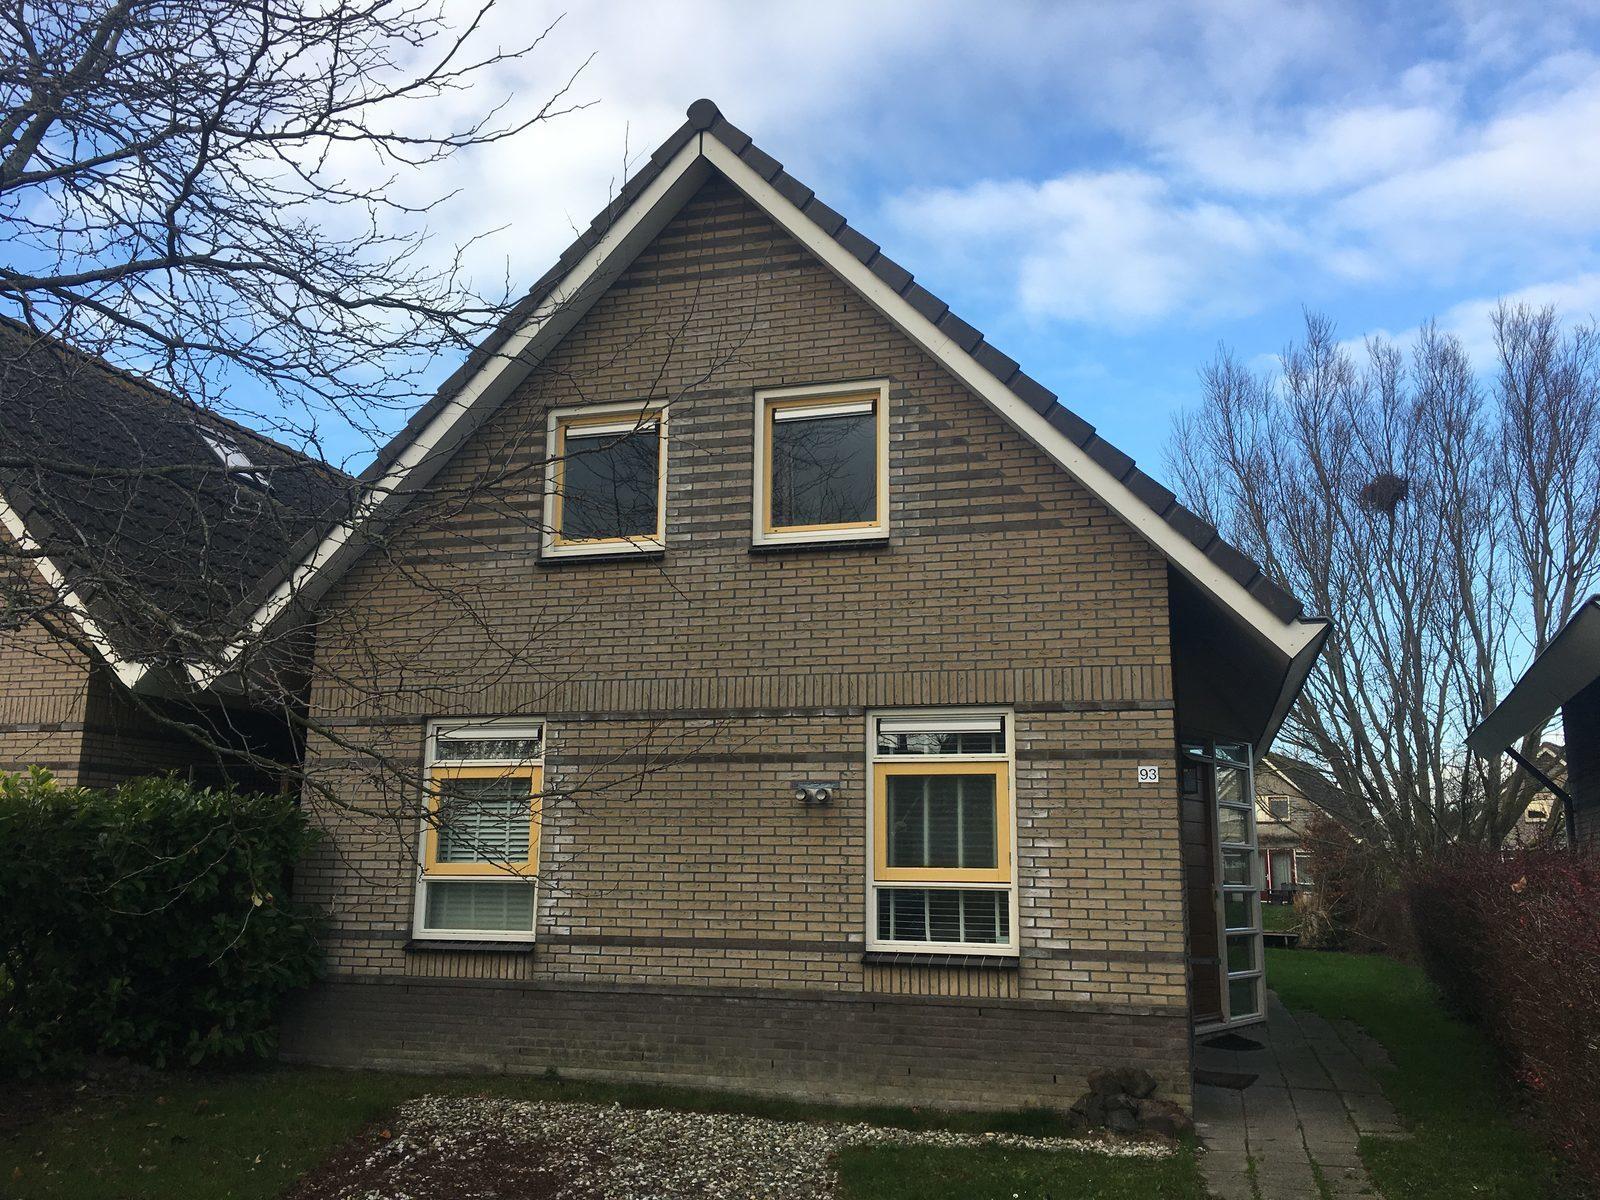 IJsselmeerstraat 93